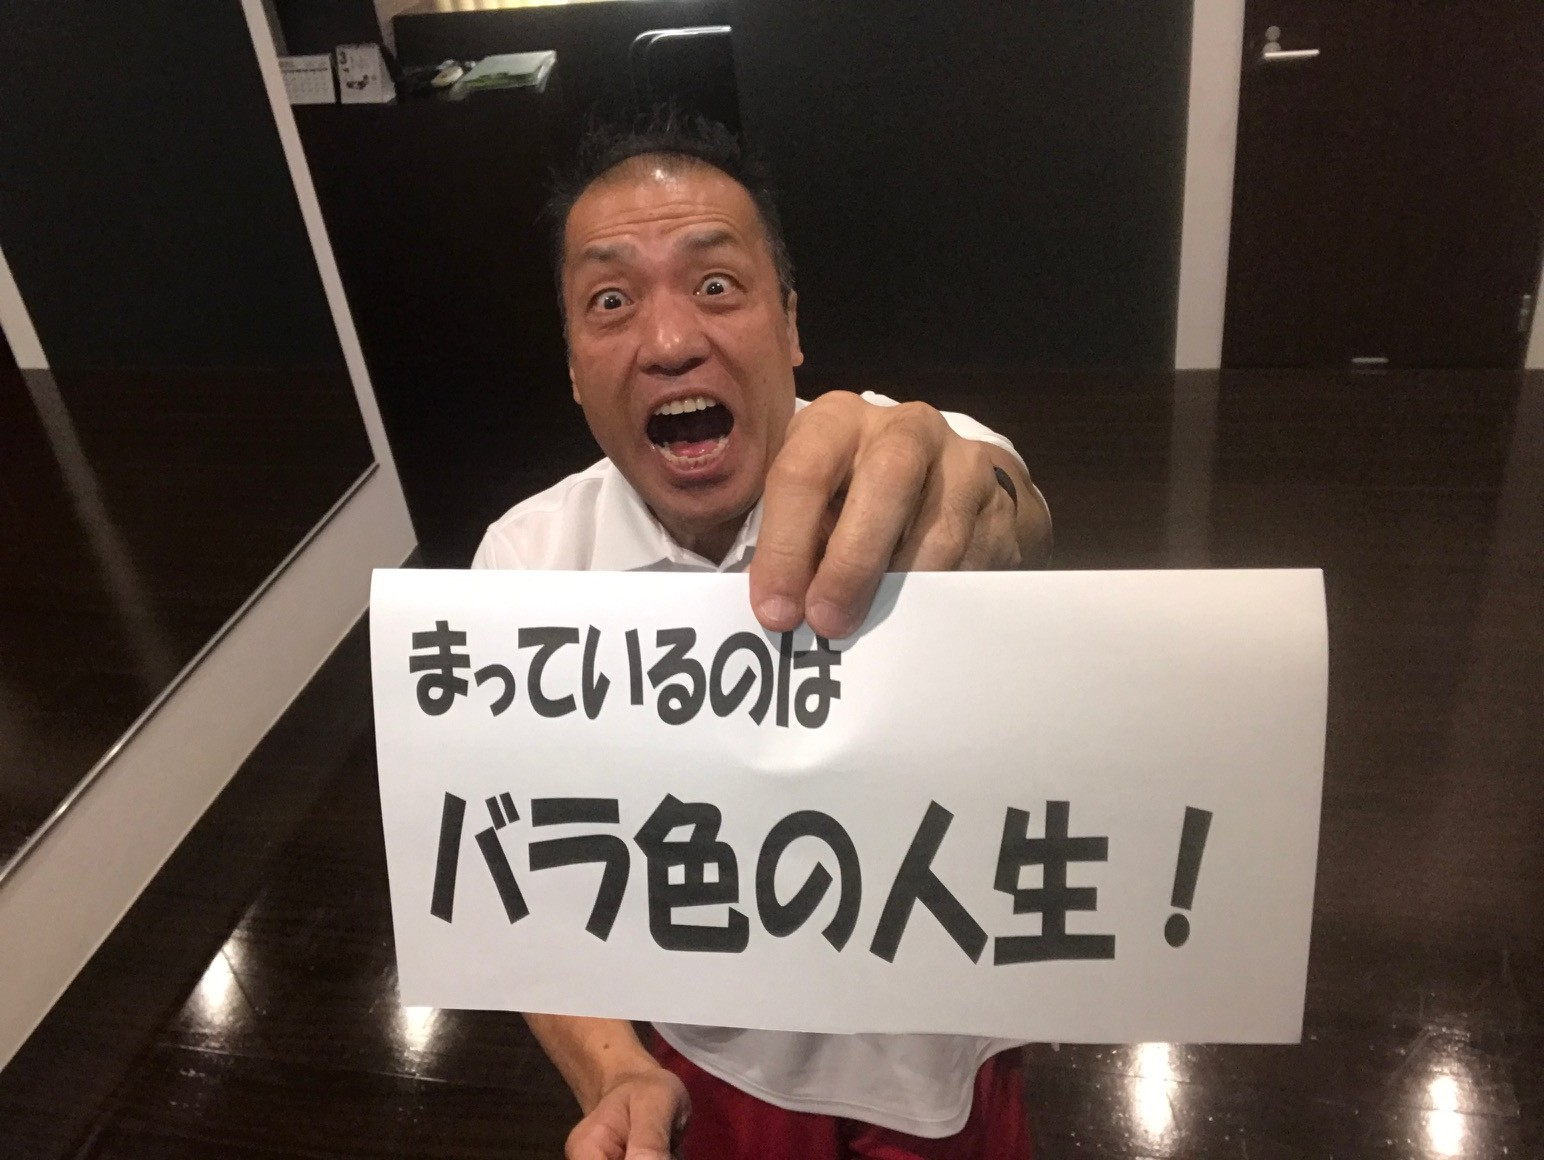 トレーニンングはいいことづくめなんですよ!(^^)/